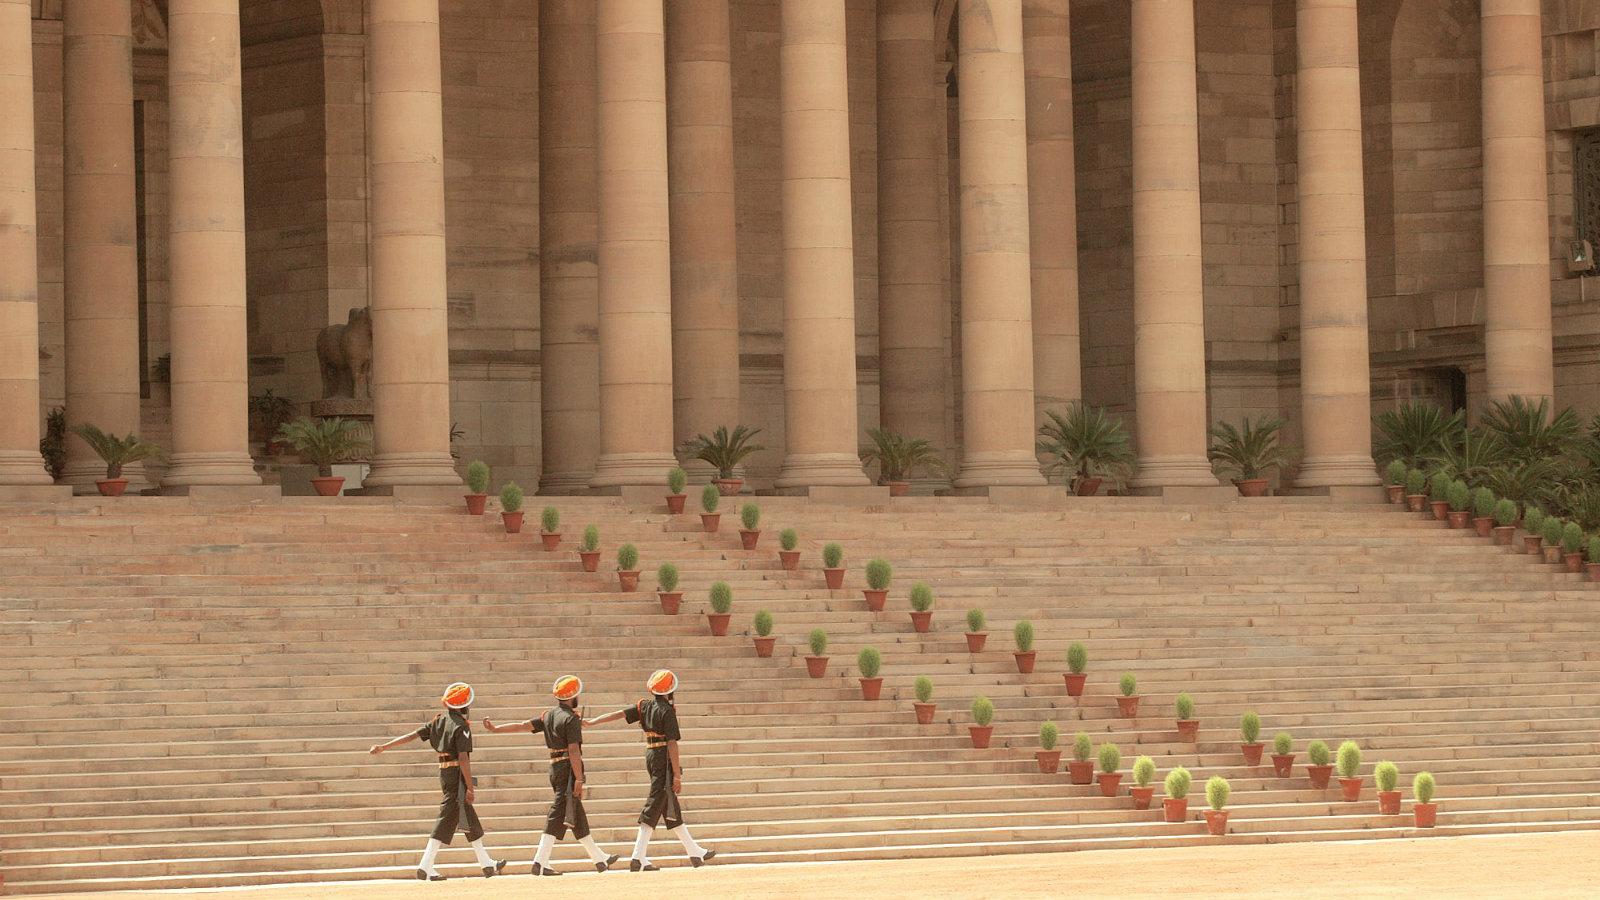 India-Politics-Empire